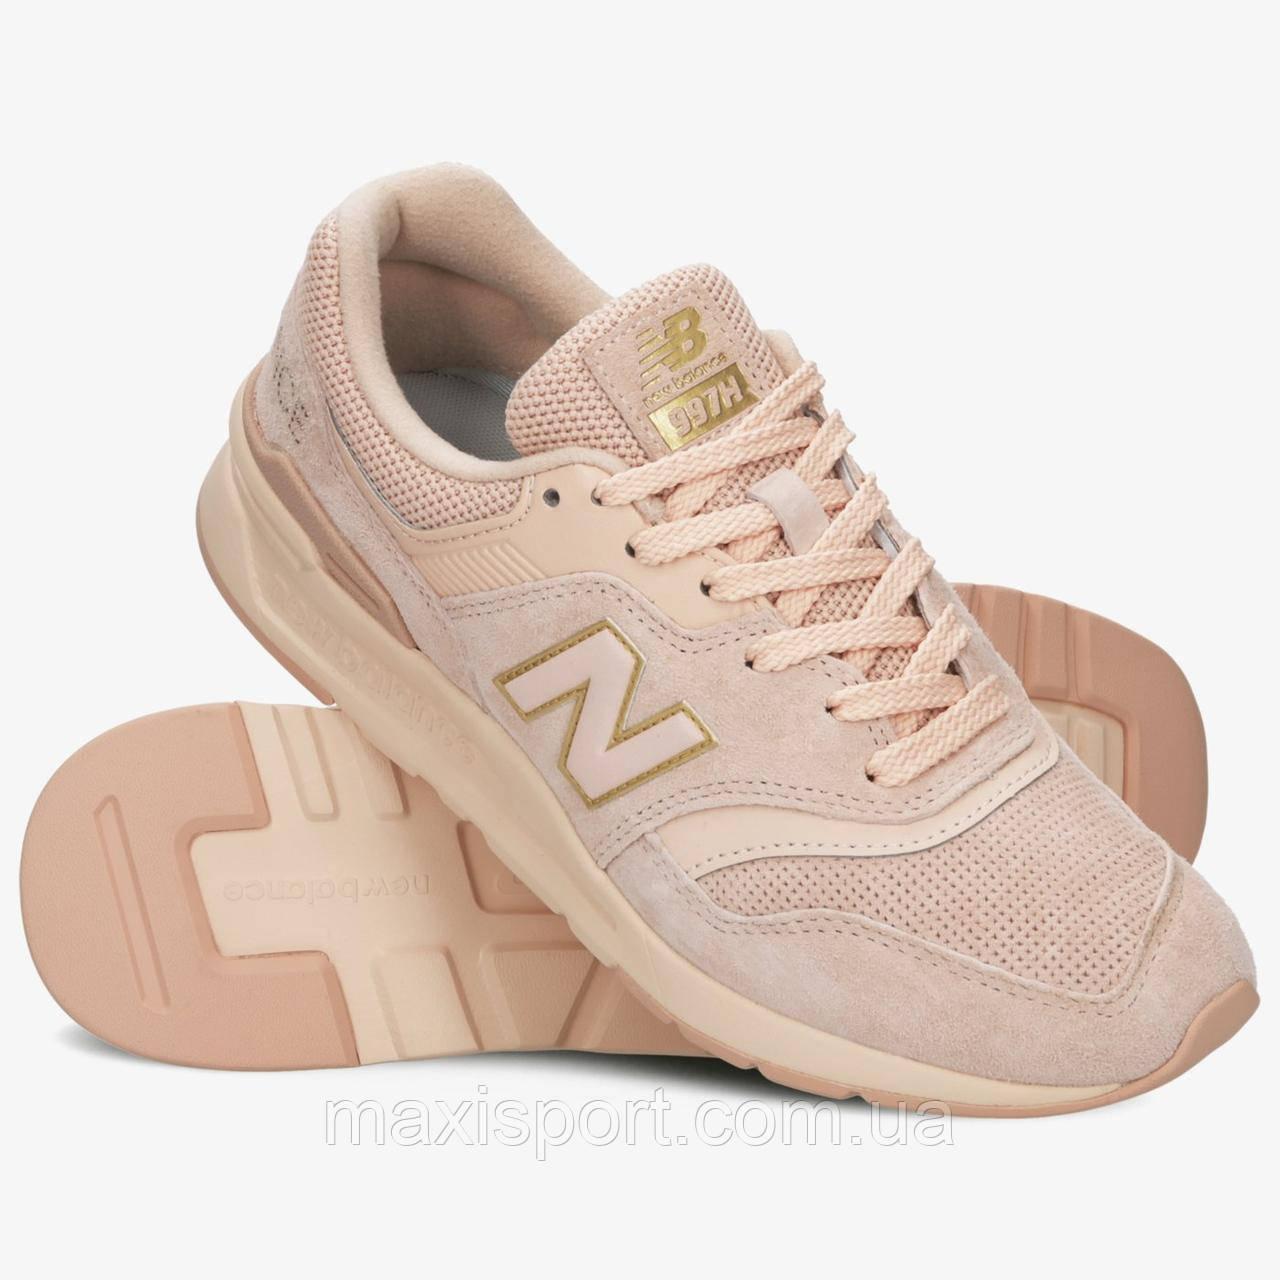 Кроссовки New Balance CW997HCD